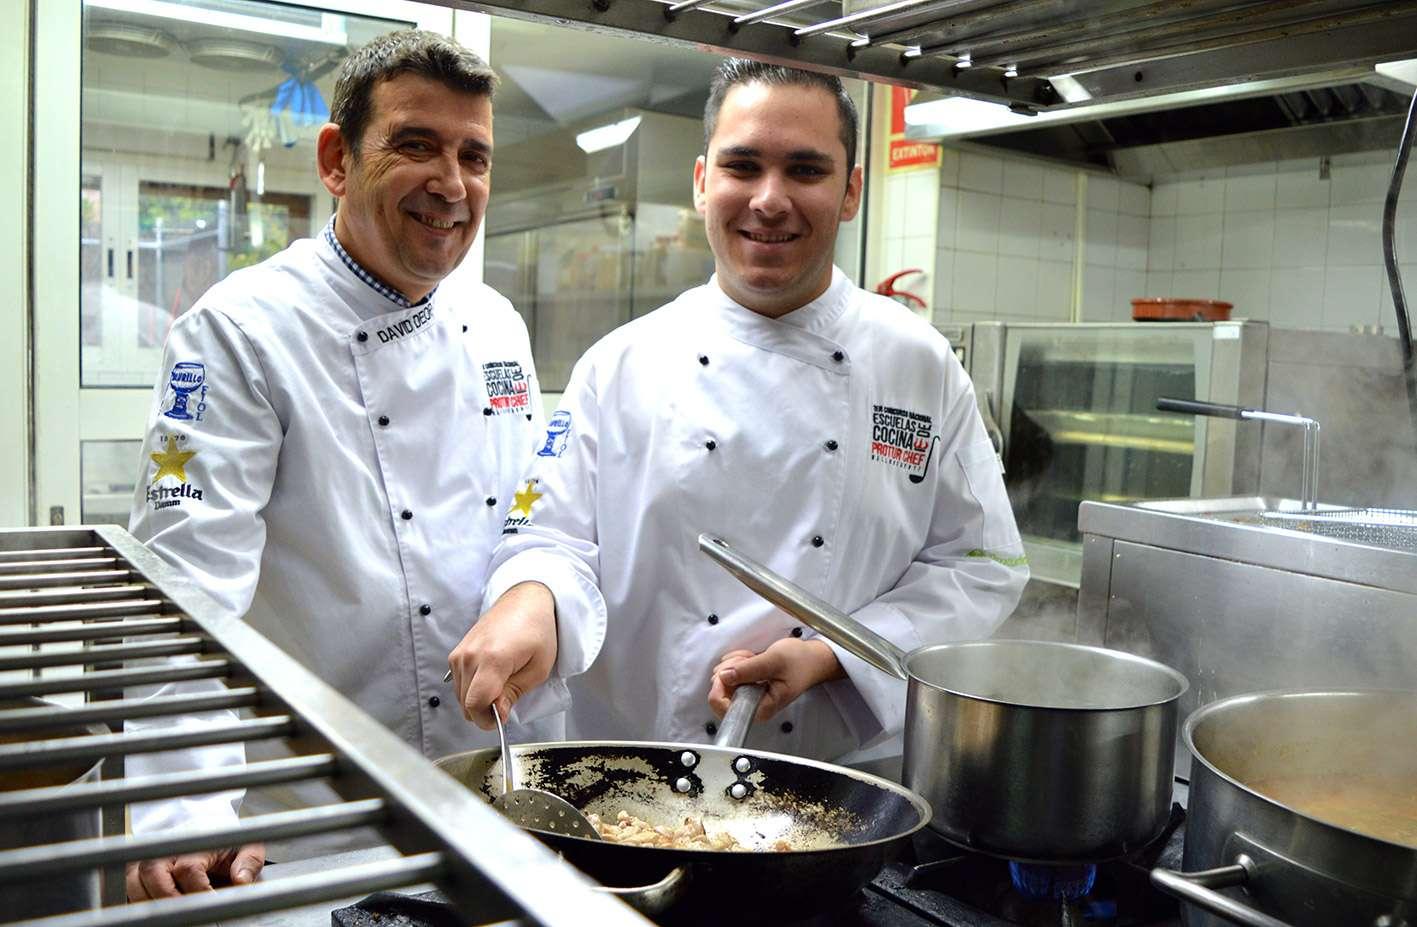 El 2 concurso nacional de escuelas de cocina protur chef for Escuela de cocina mallorca